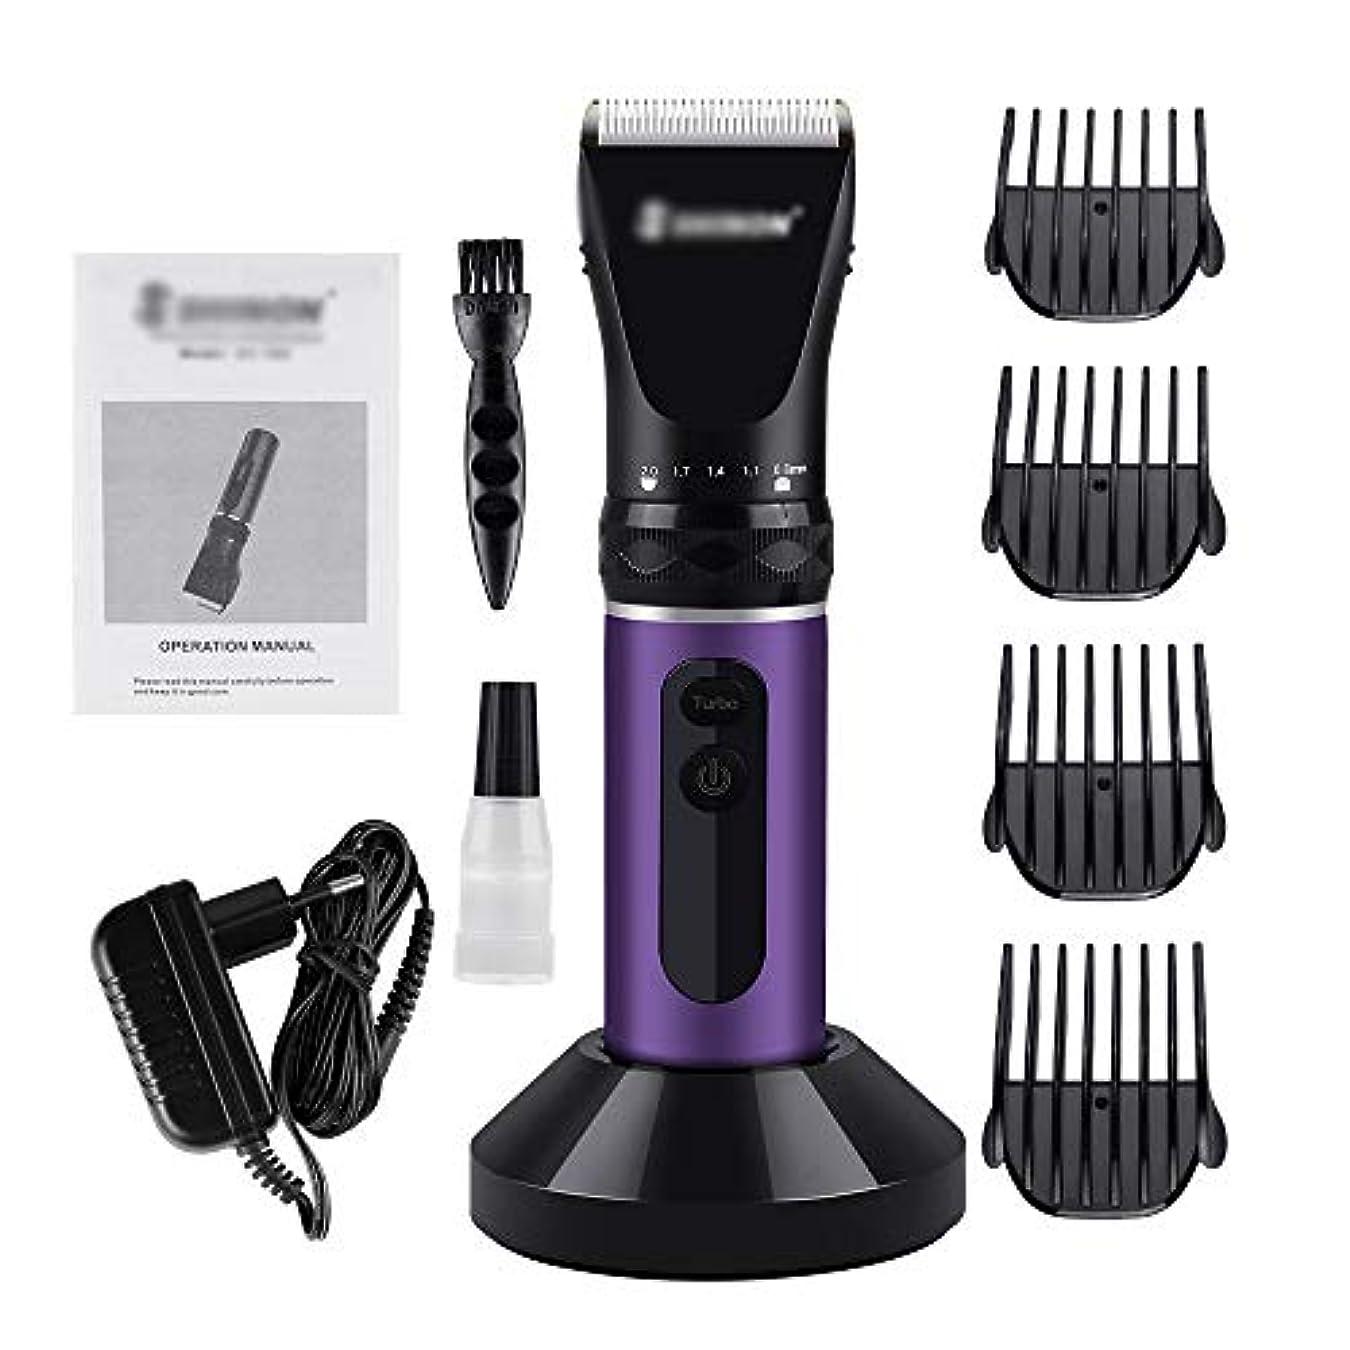 高価なインシデントマンモスWAKABAFK 充電式バリカンシェーバーボディトリマーひげトリマーフェイストリマーヘアトリマー理髪ツール (色 : 紫の)